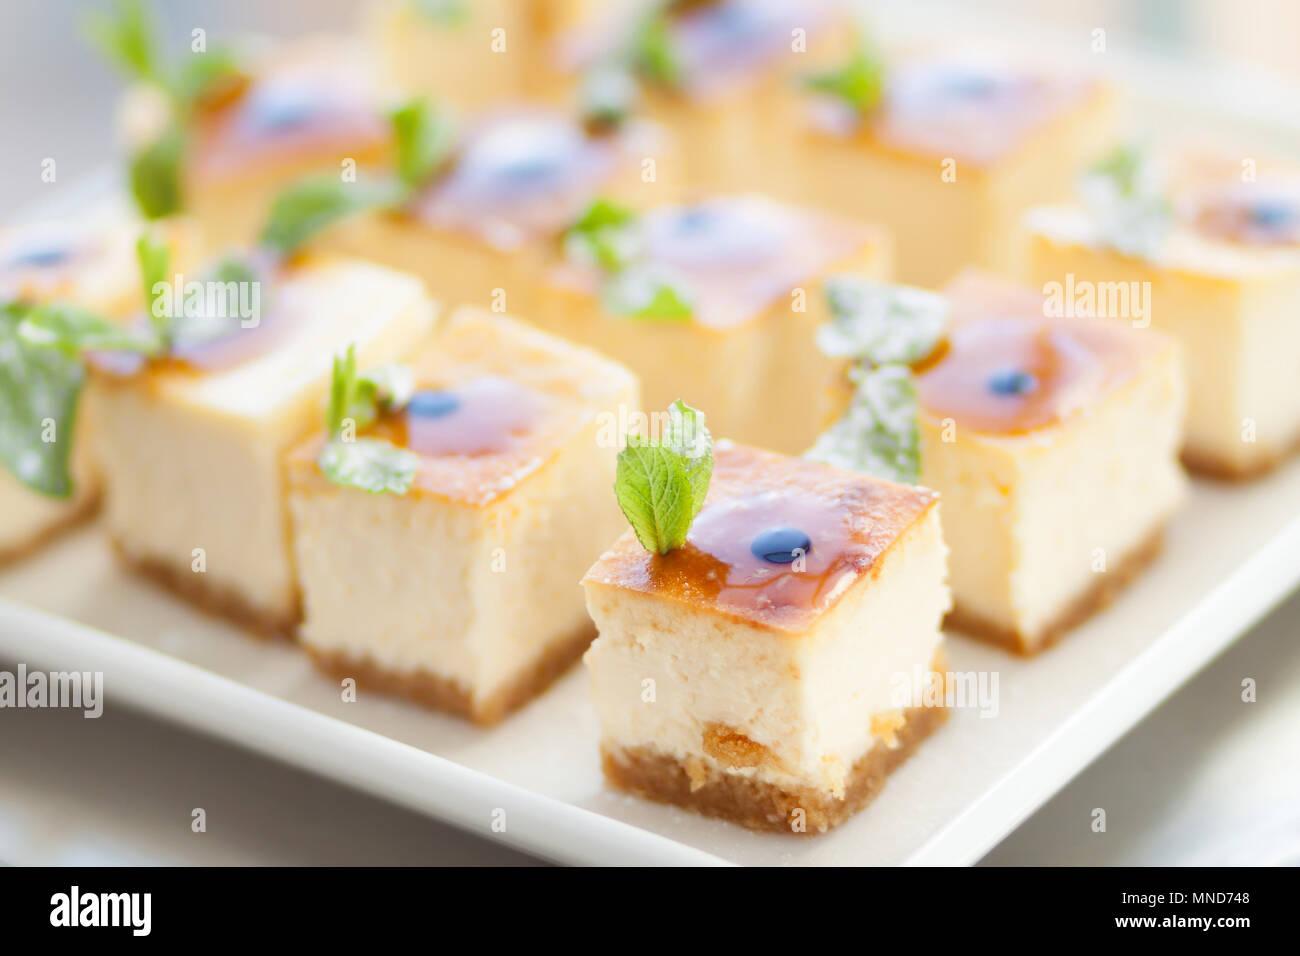 Apetitoso cheesecake con hojas de menta. Delicioso postre en rodajas en la placa blanca. Imagen De Stock